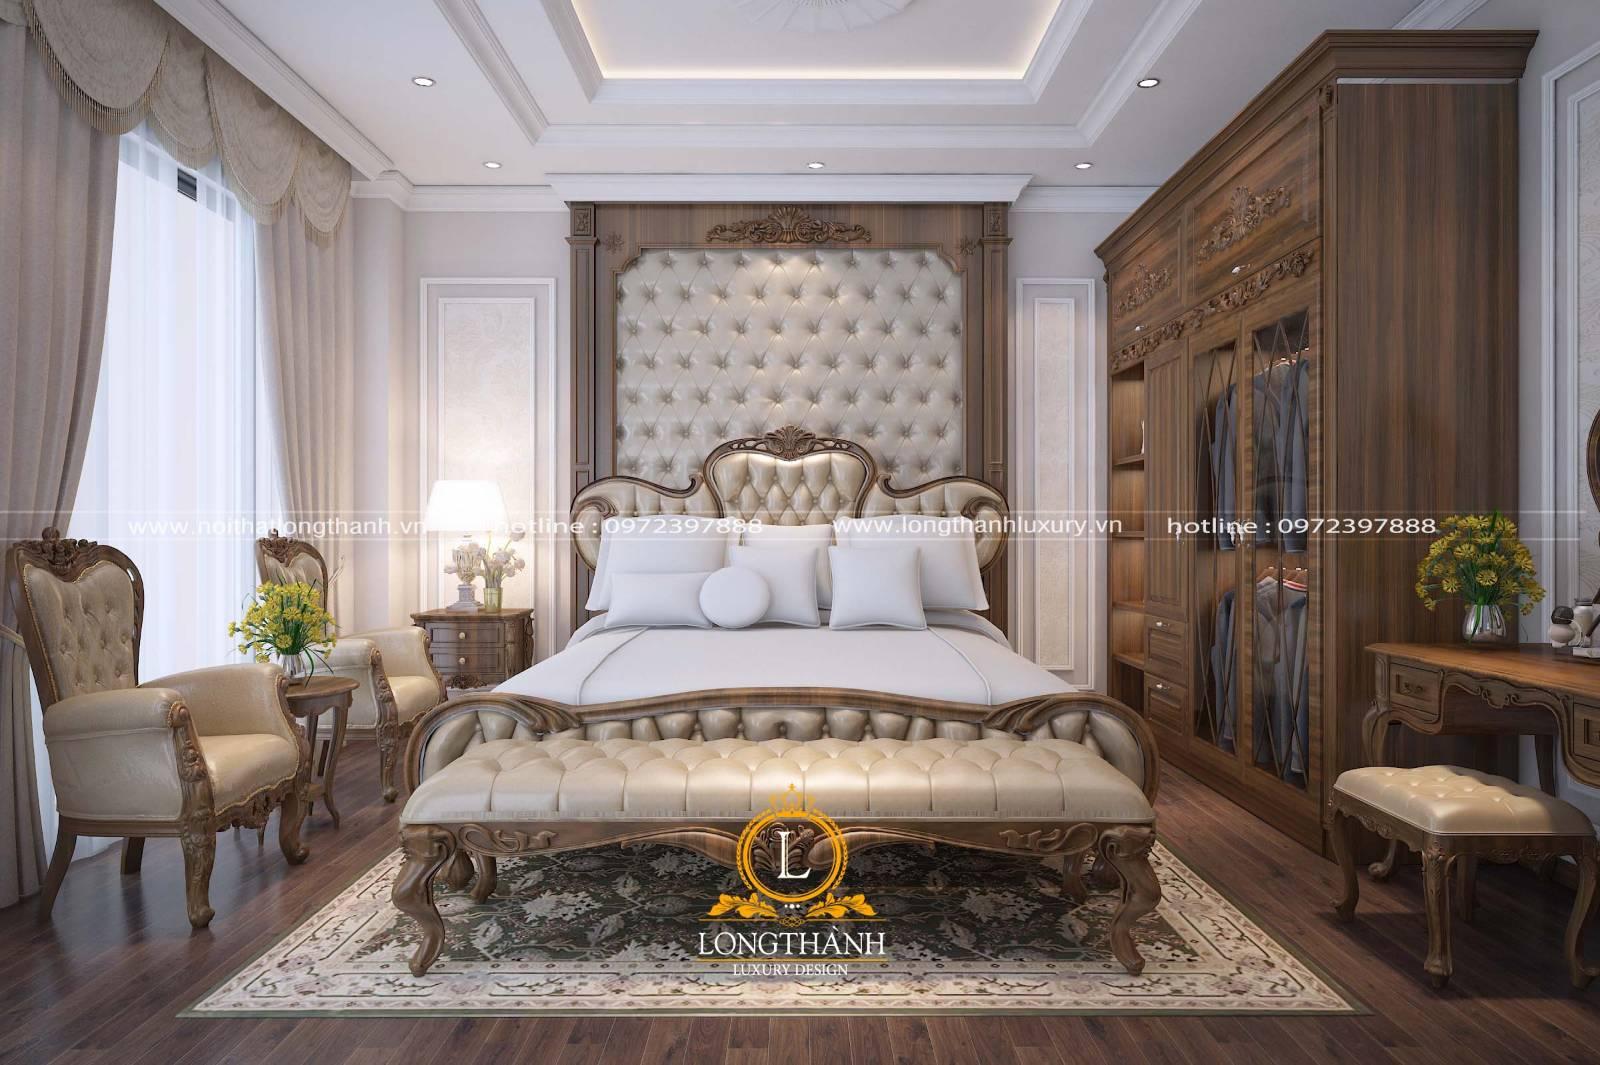 Thiết kế phòng ngủ theo phong cách tân cổ điển dáng tạo và độc đáo